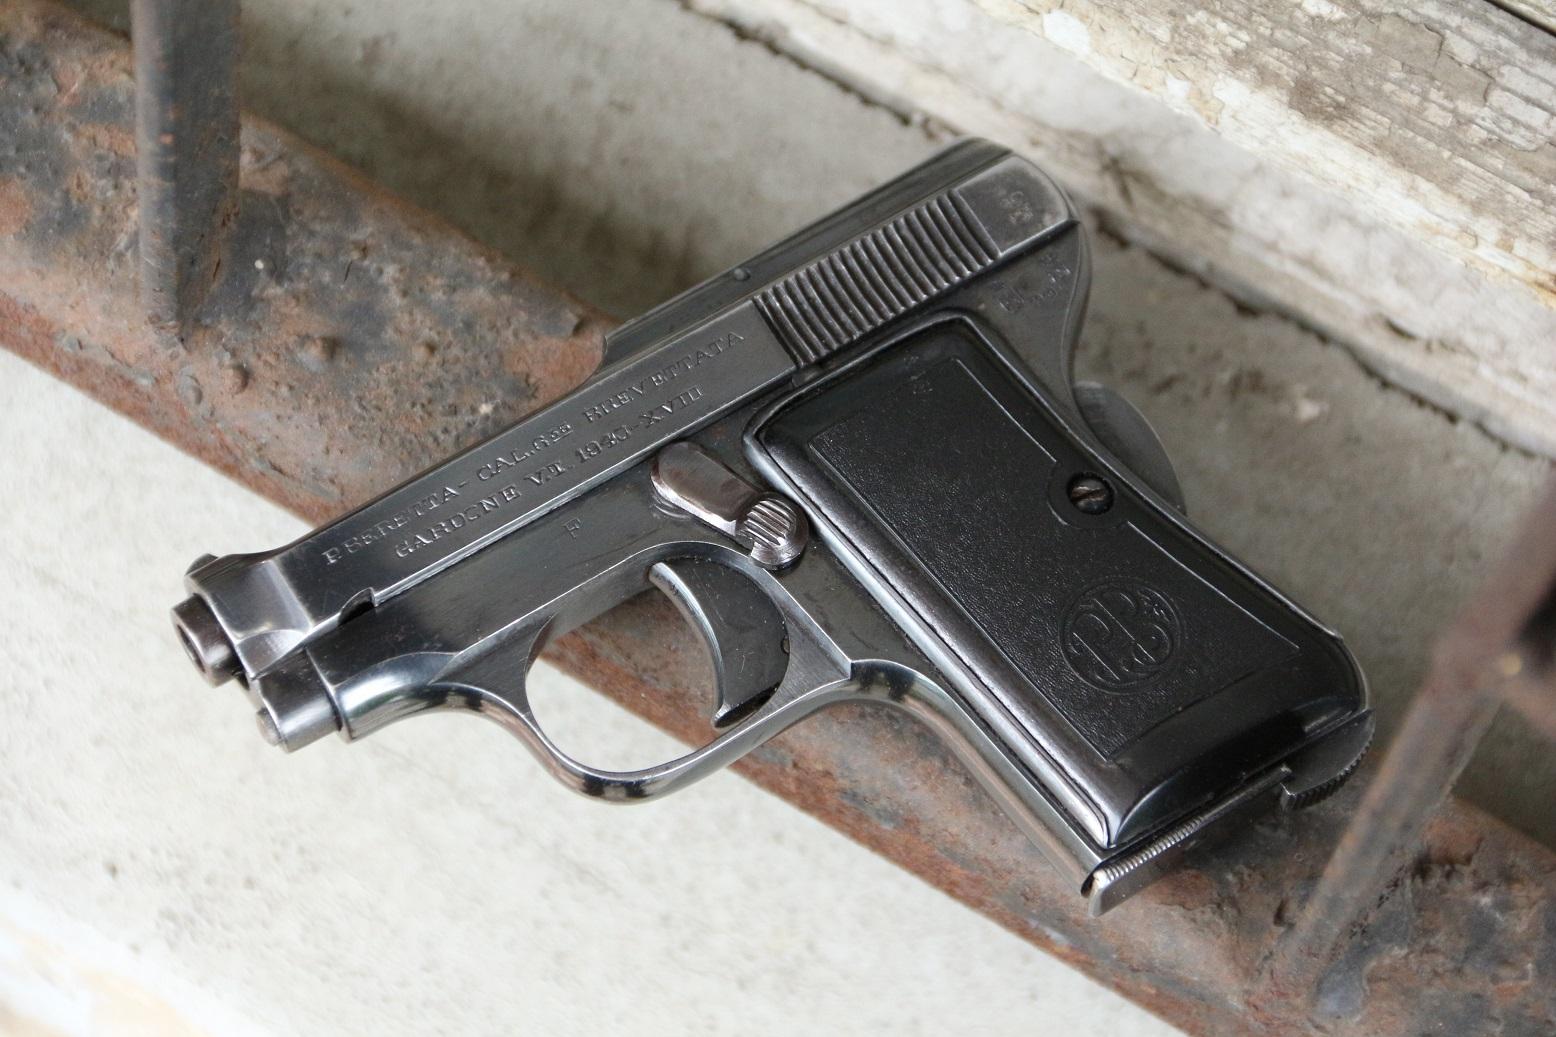 Фото Жилетный пистолет Beretta m418 #628845, 1940 год